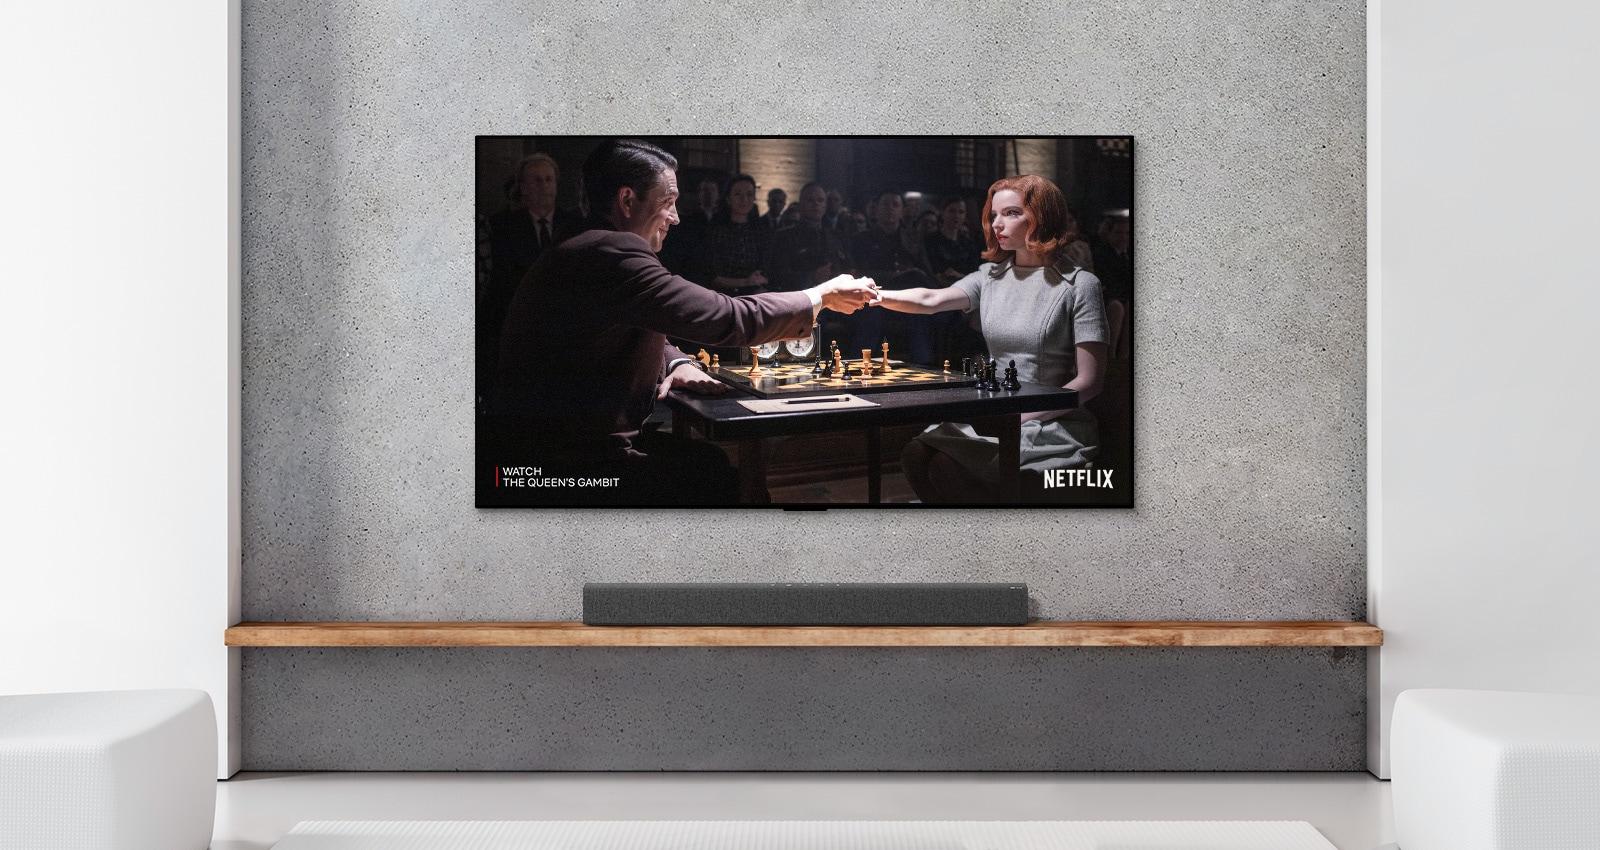 Uma barra de som e TV numa sala branca. Um casal joga xadrez no ecrã da TV.